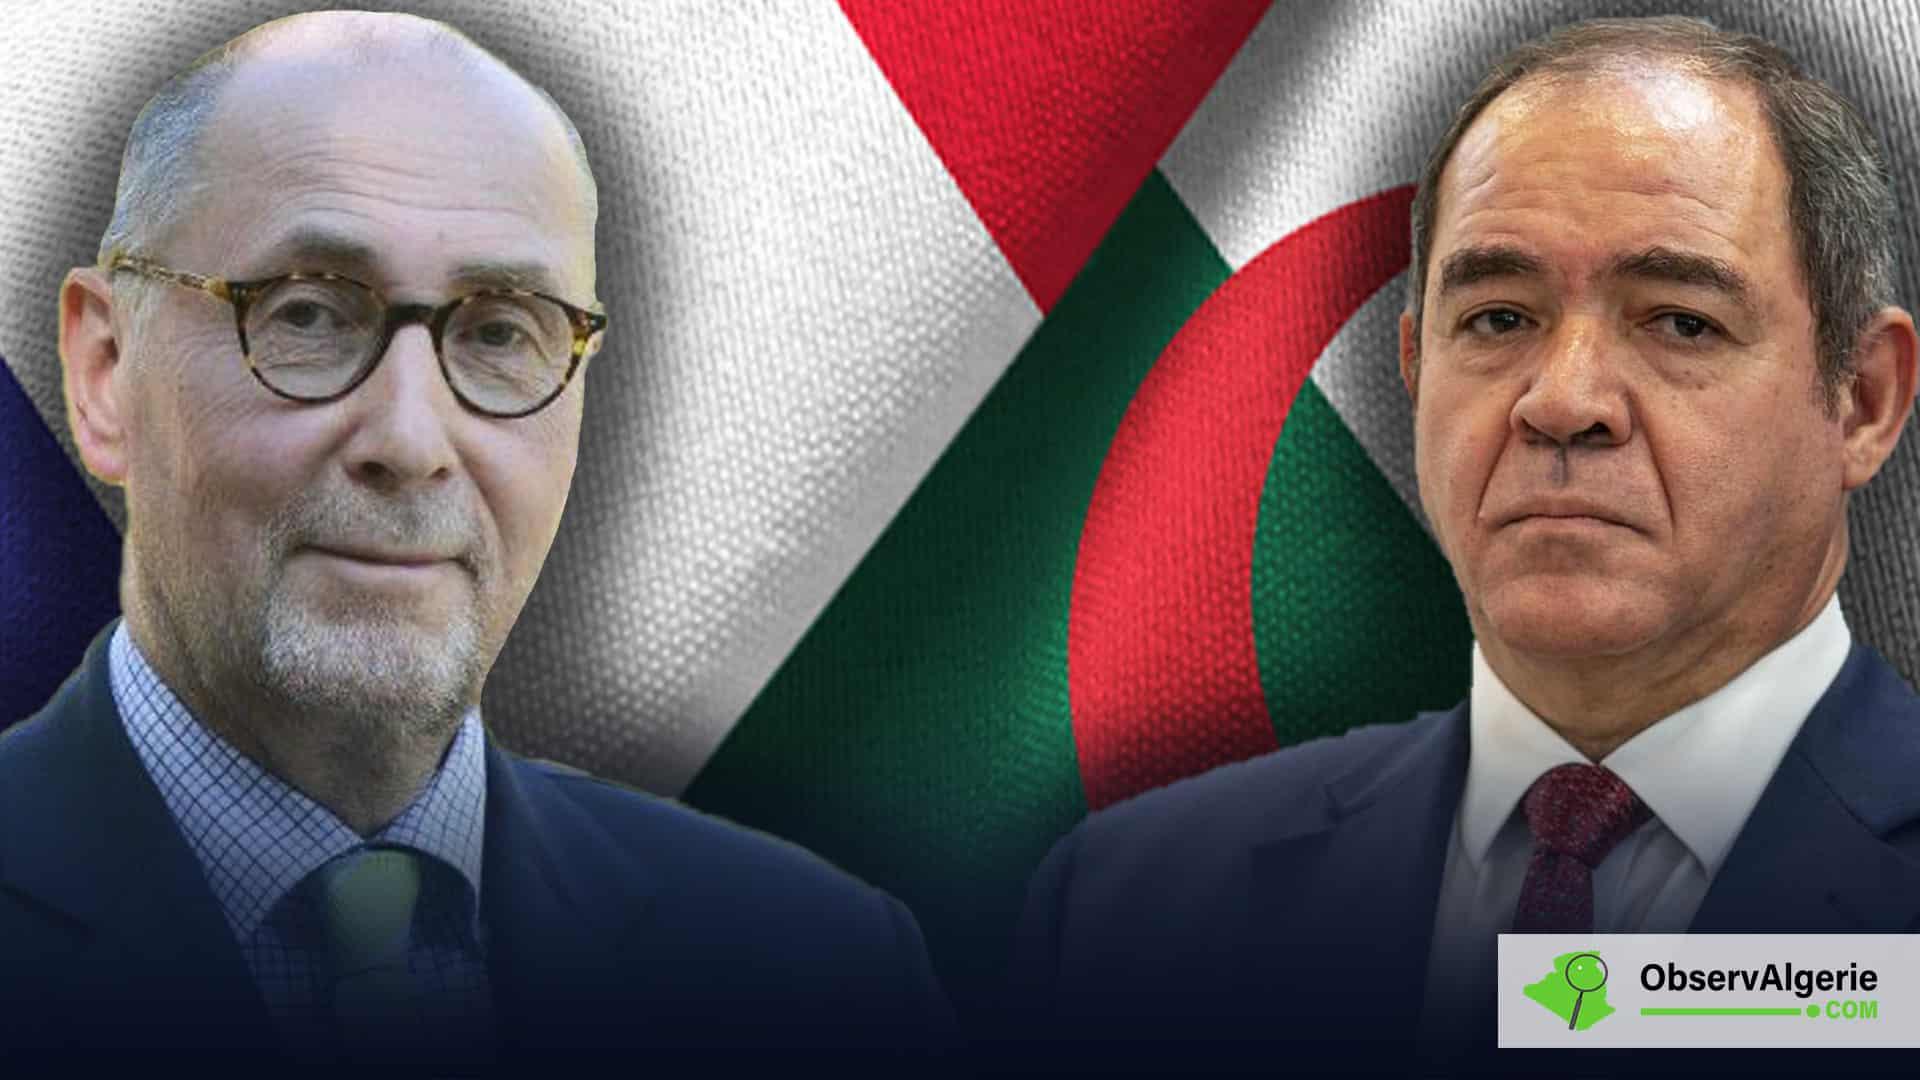 Propos haineux et diffamatoires » : L'ambassadeur de France en ...